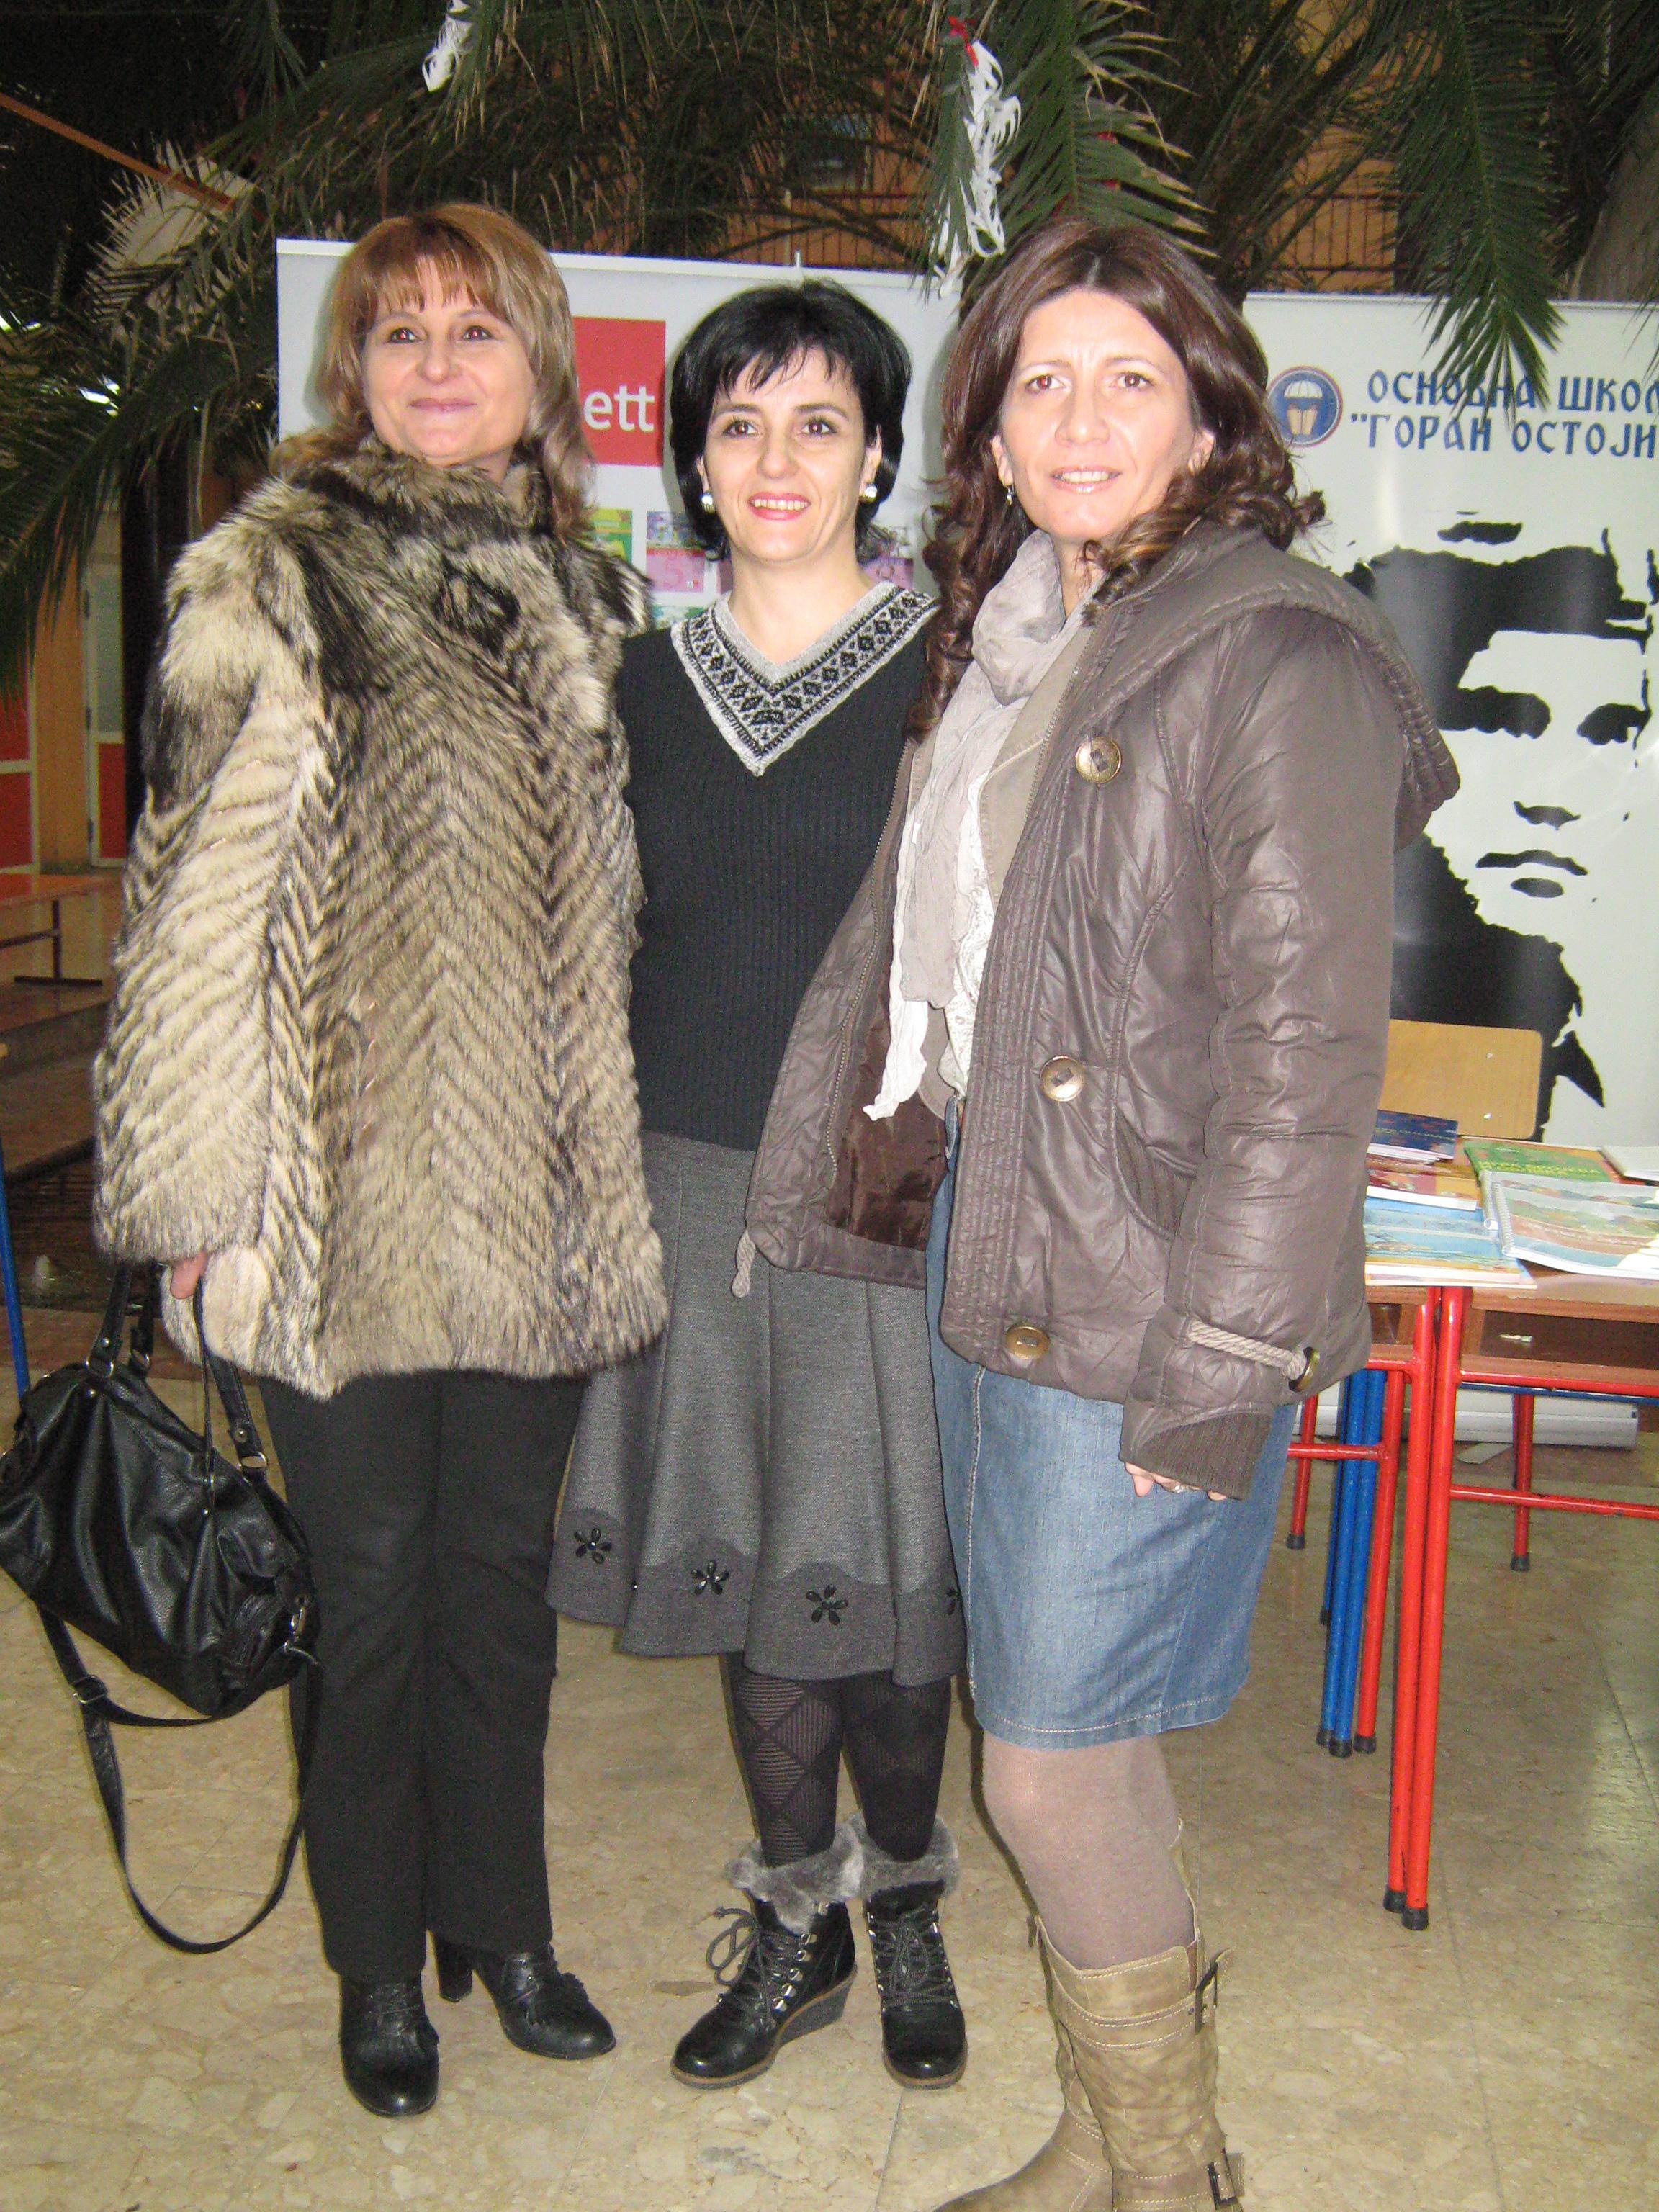 Jagodina, 23.2.2013.